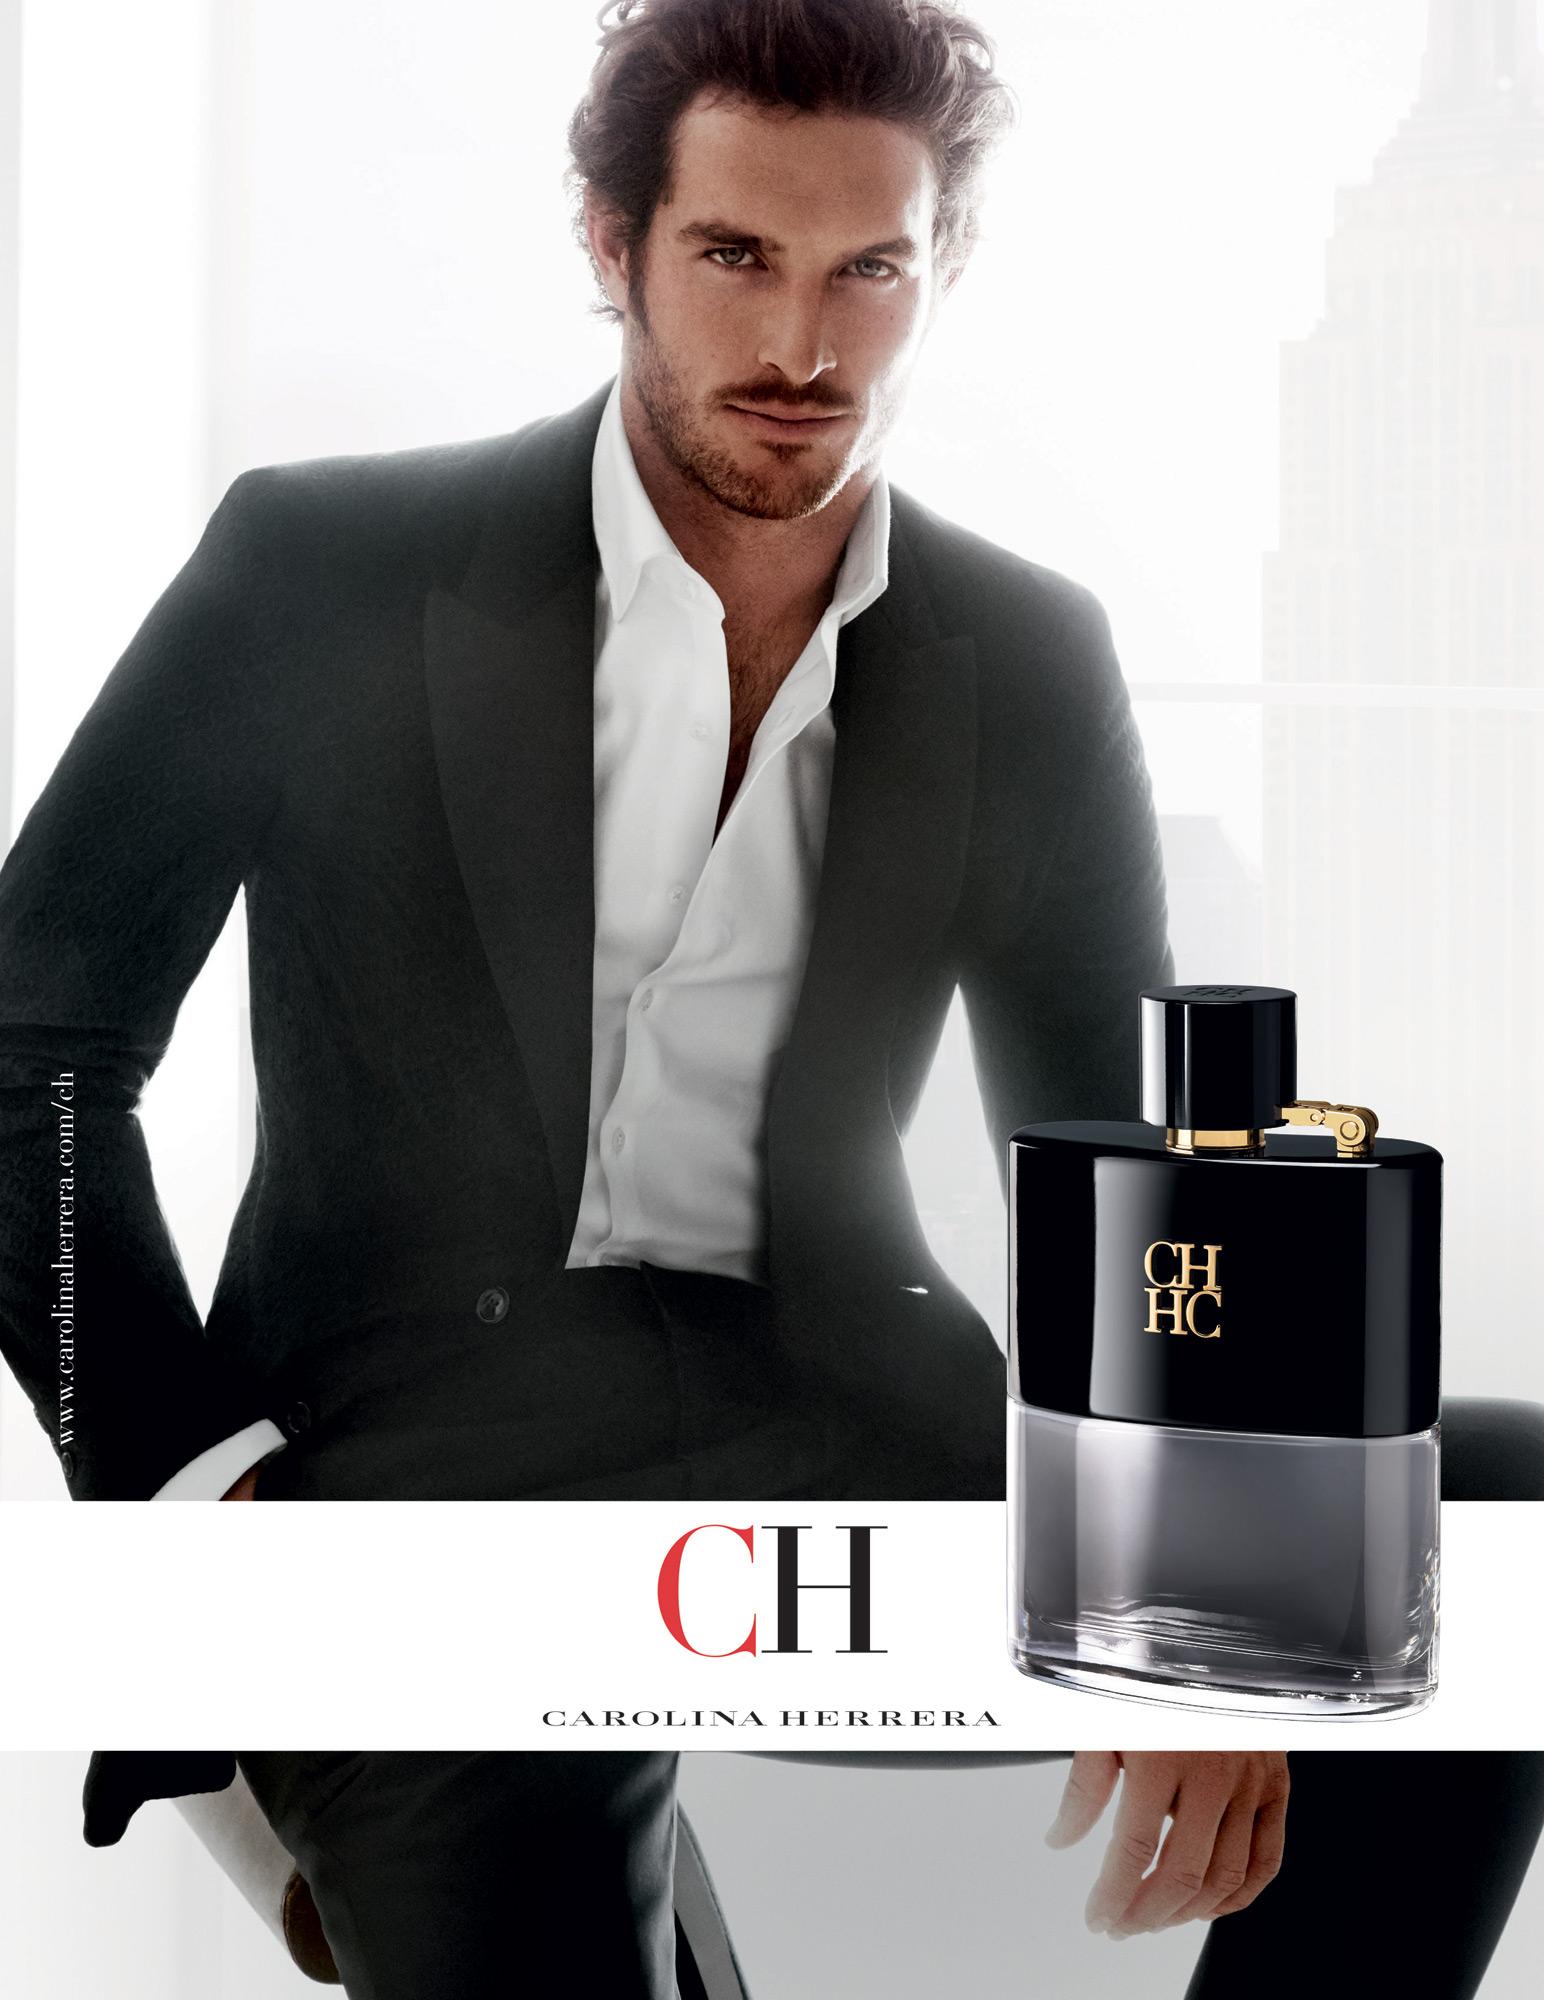 ch men prive carolina herrera cologne a new fragrance. Black Bedroom Furniture Sets. Home Design Ideas